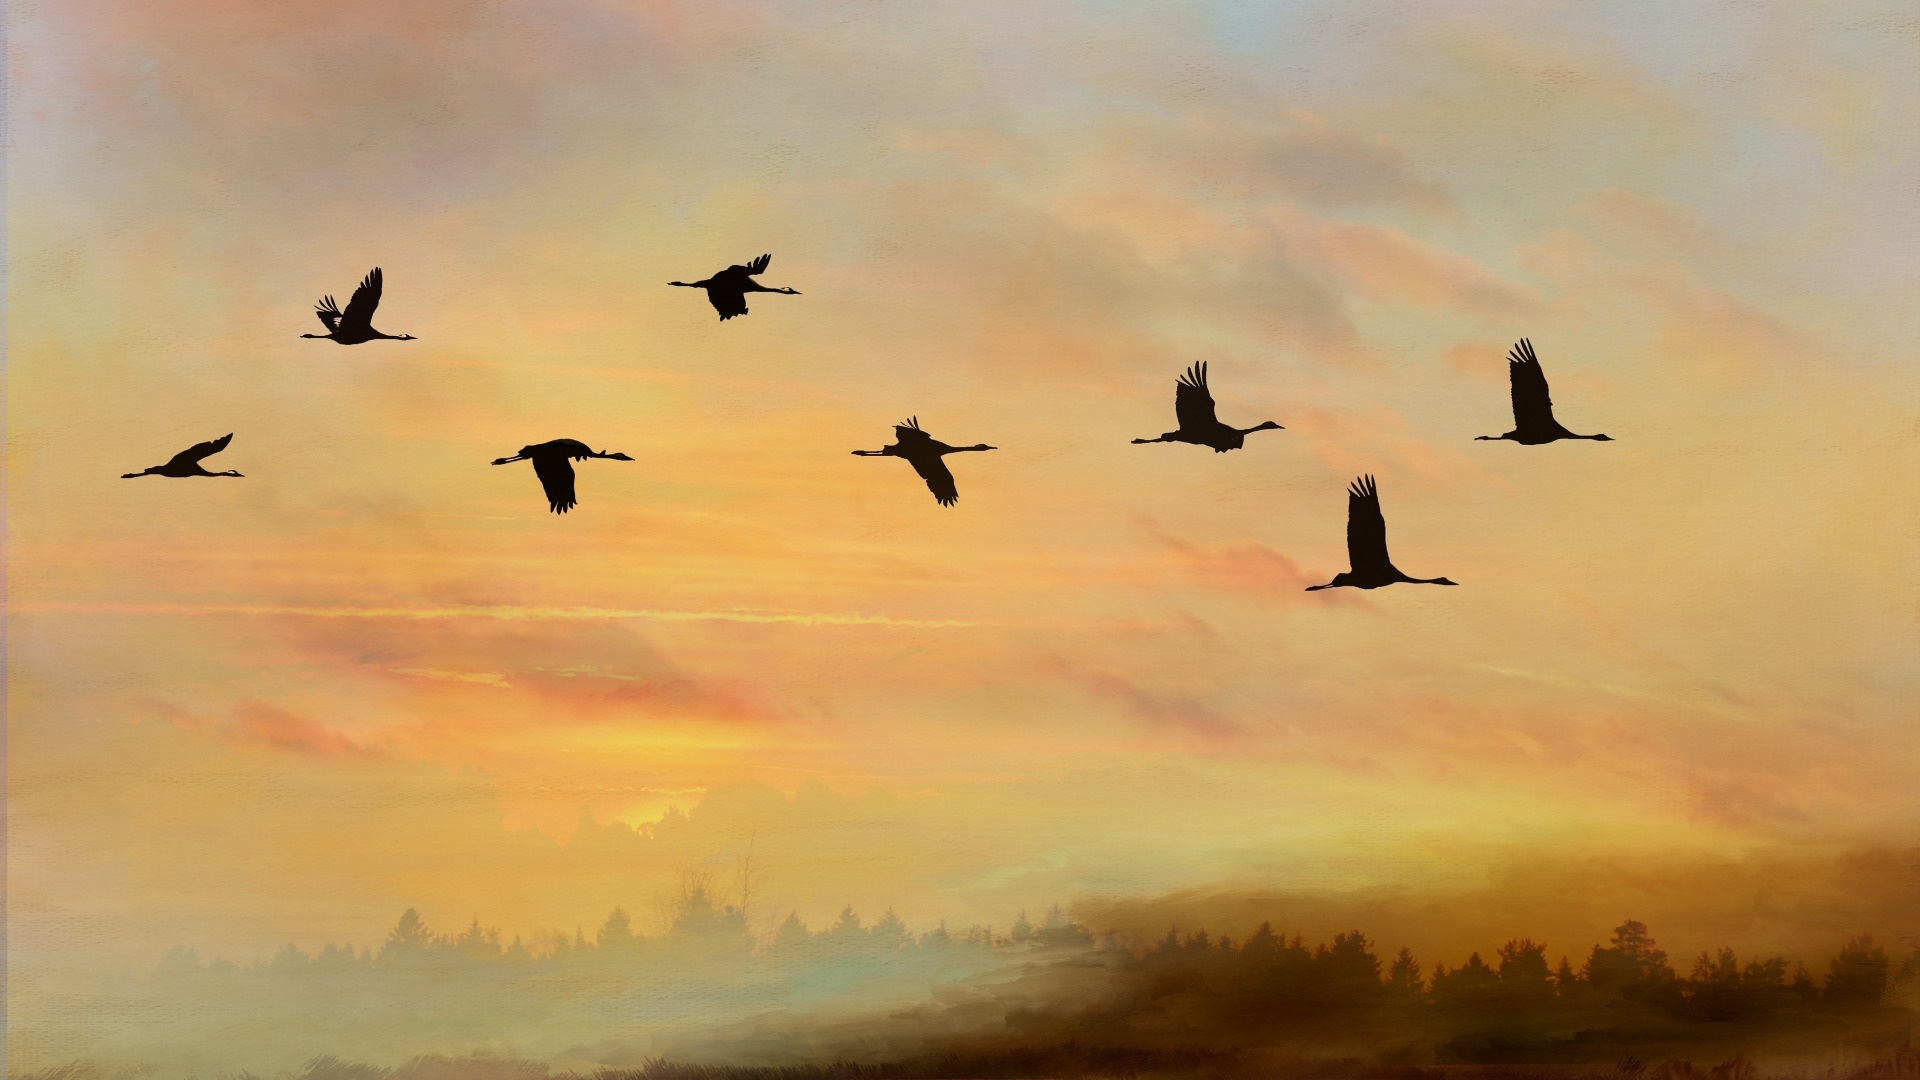 Wedge Birds In The Sky HD Wallpaper